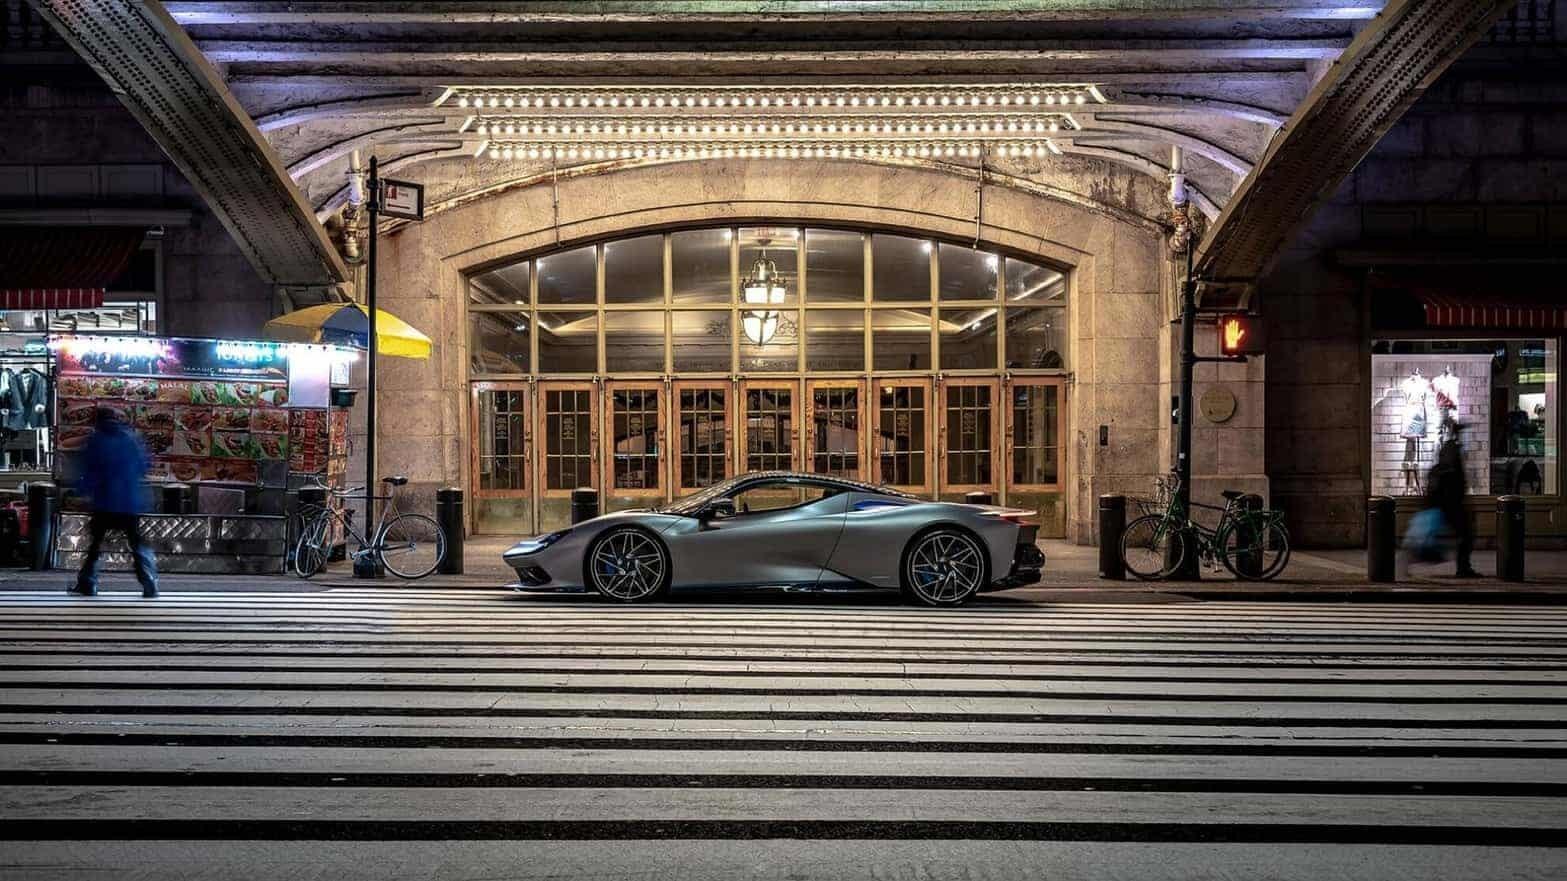 The Pininfarina Battista has hit the streets of New York